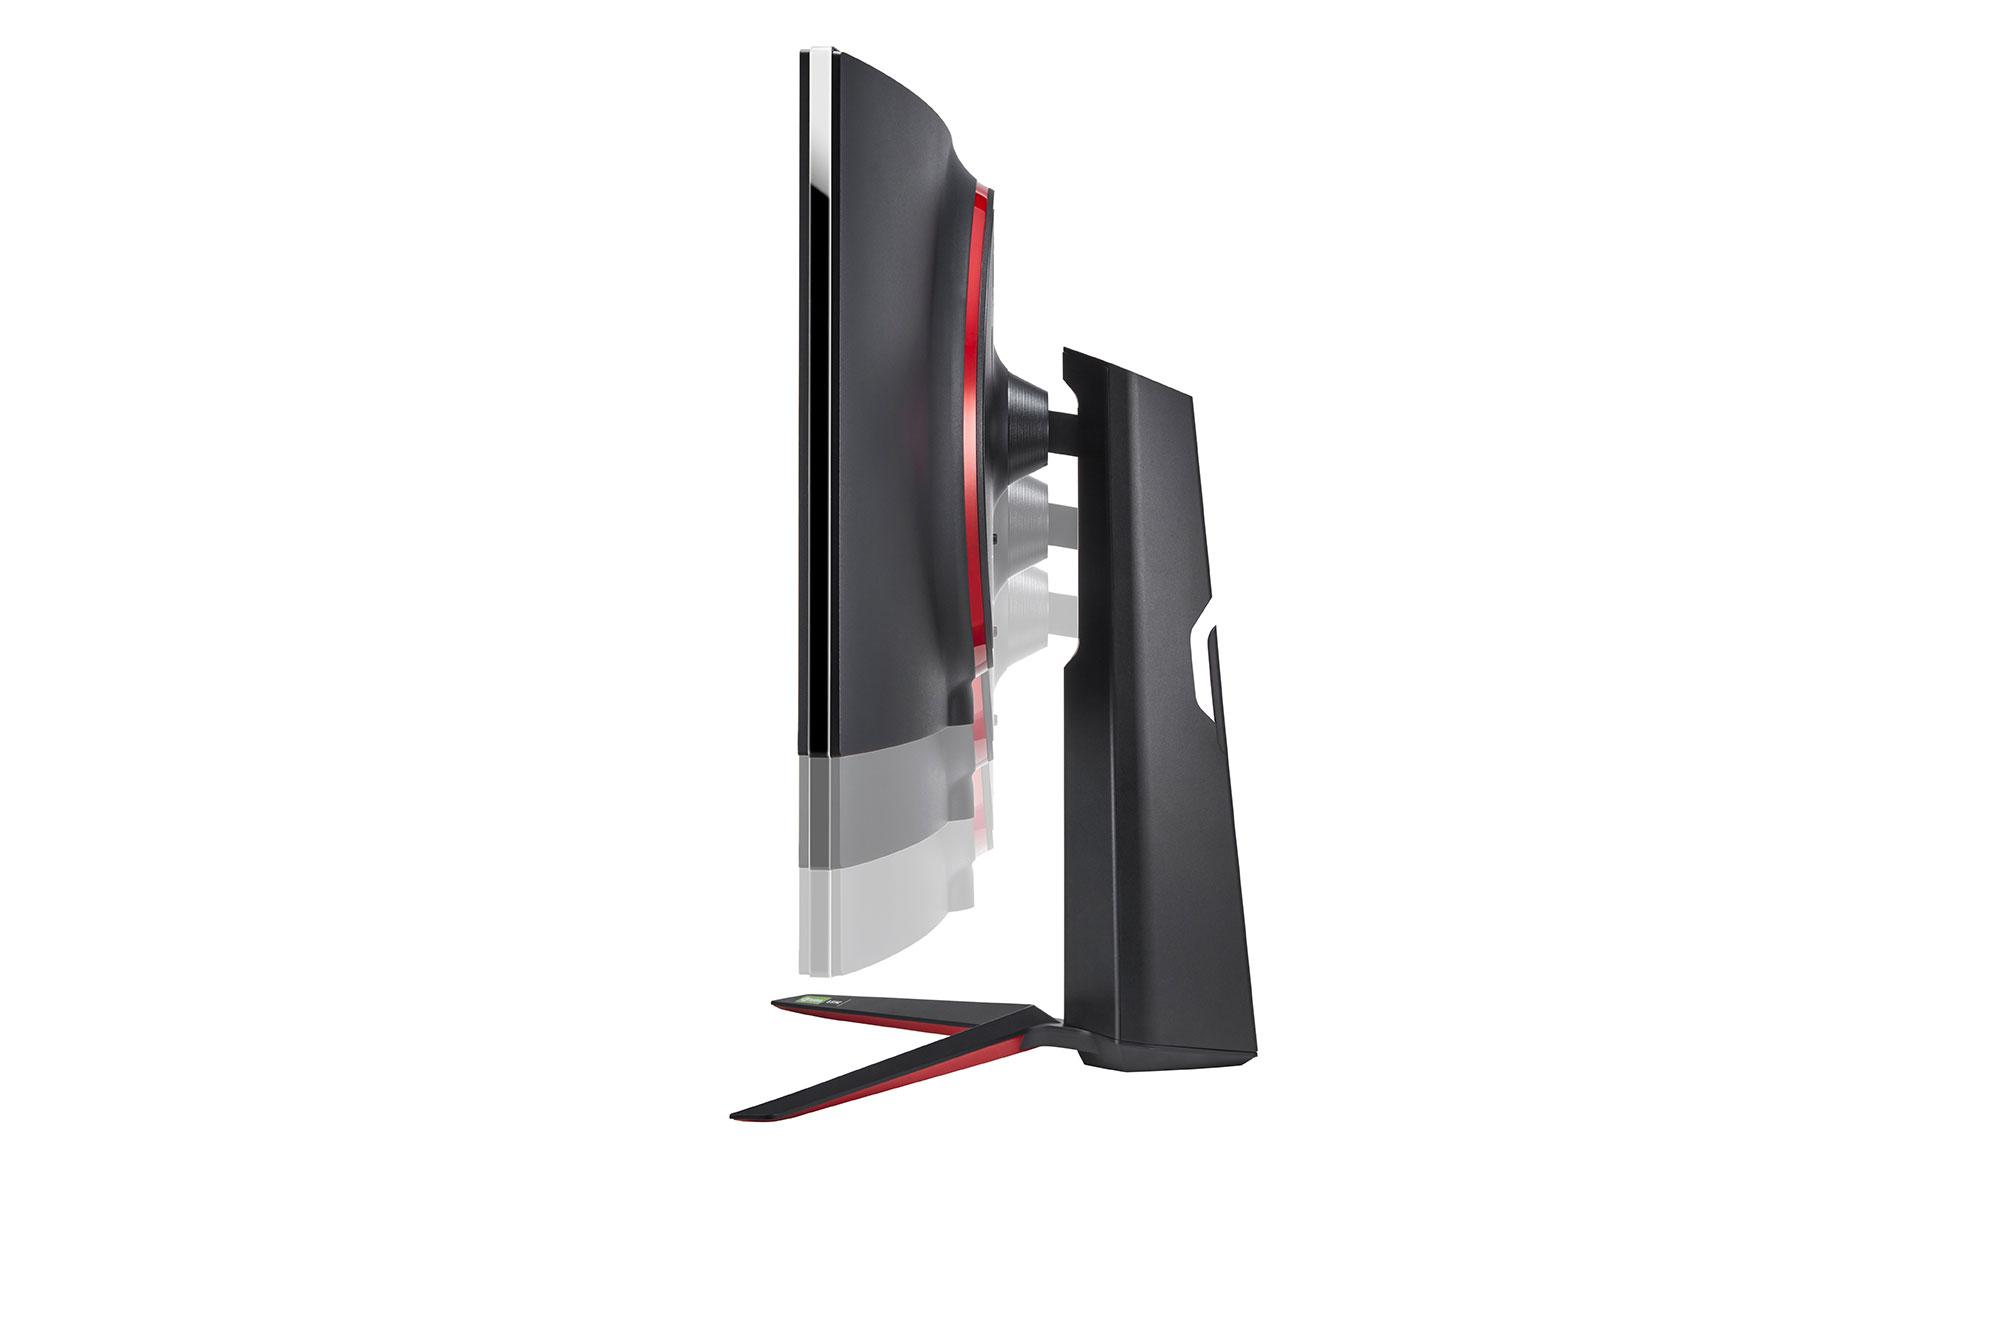 Màn Hình Cong Gaming LG UltraGear 34GN850-B 34'' 21:9 WQHD (3440x1440) 1ms 160Hz Nano IPS G-Sync - Hàng Chính Hãng